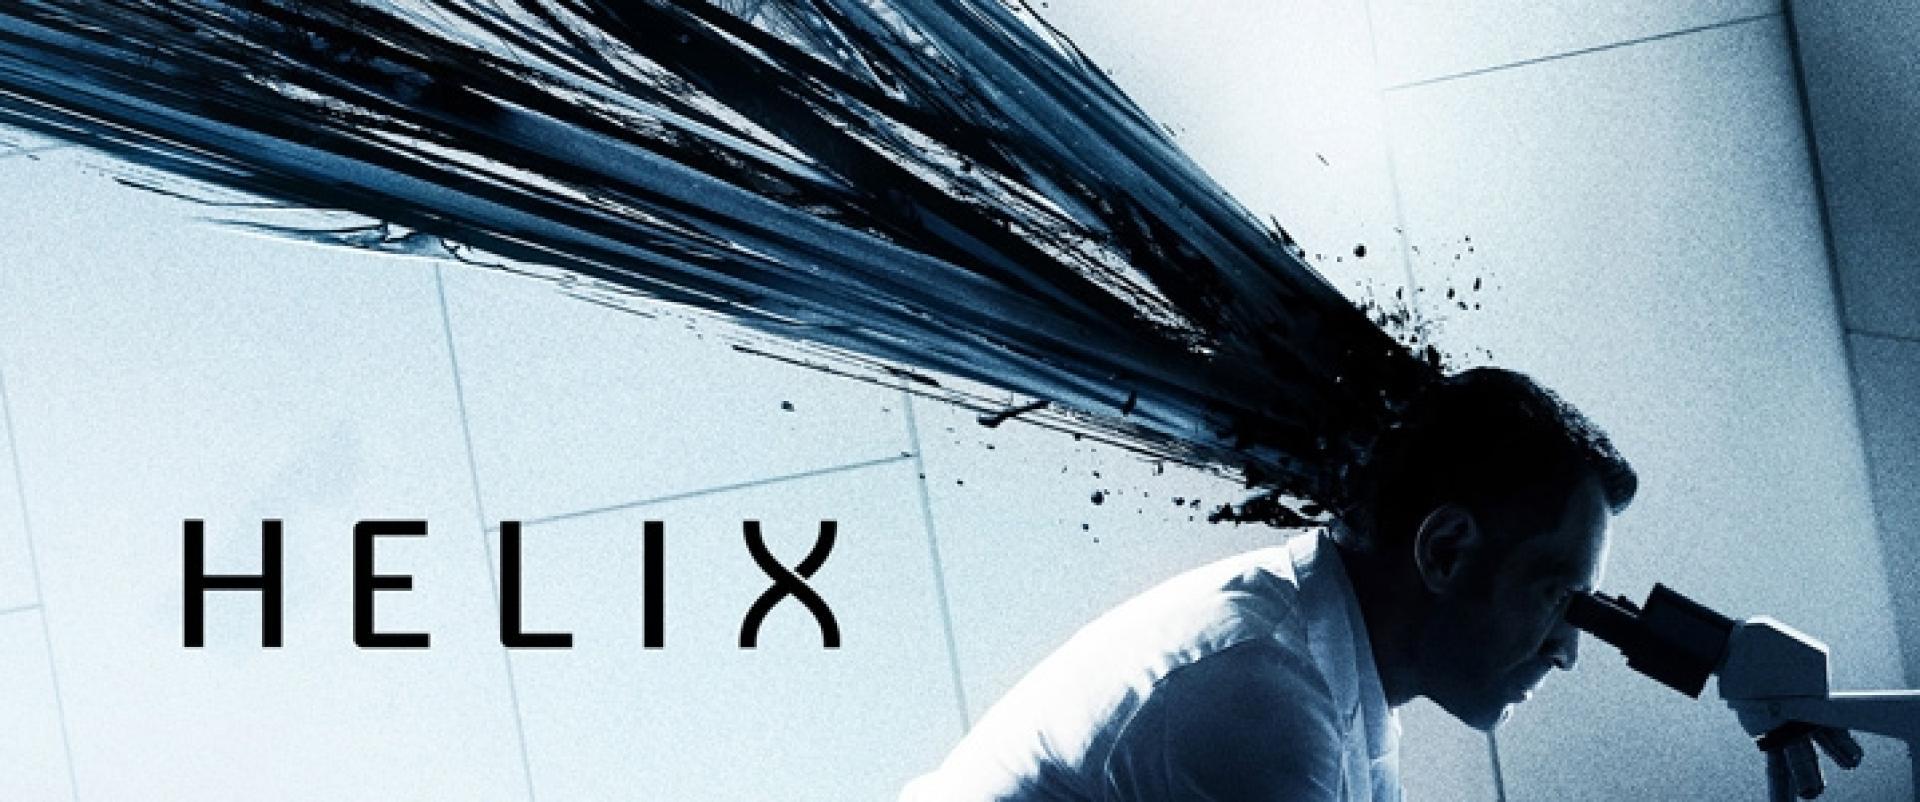 Helix: 2. évad értékelése